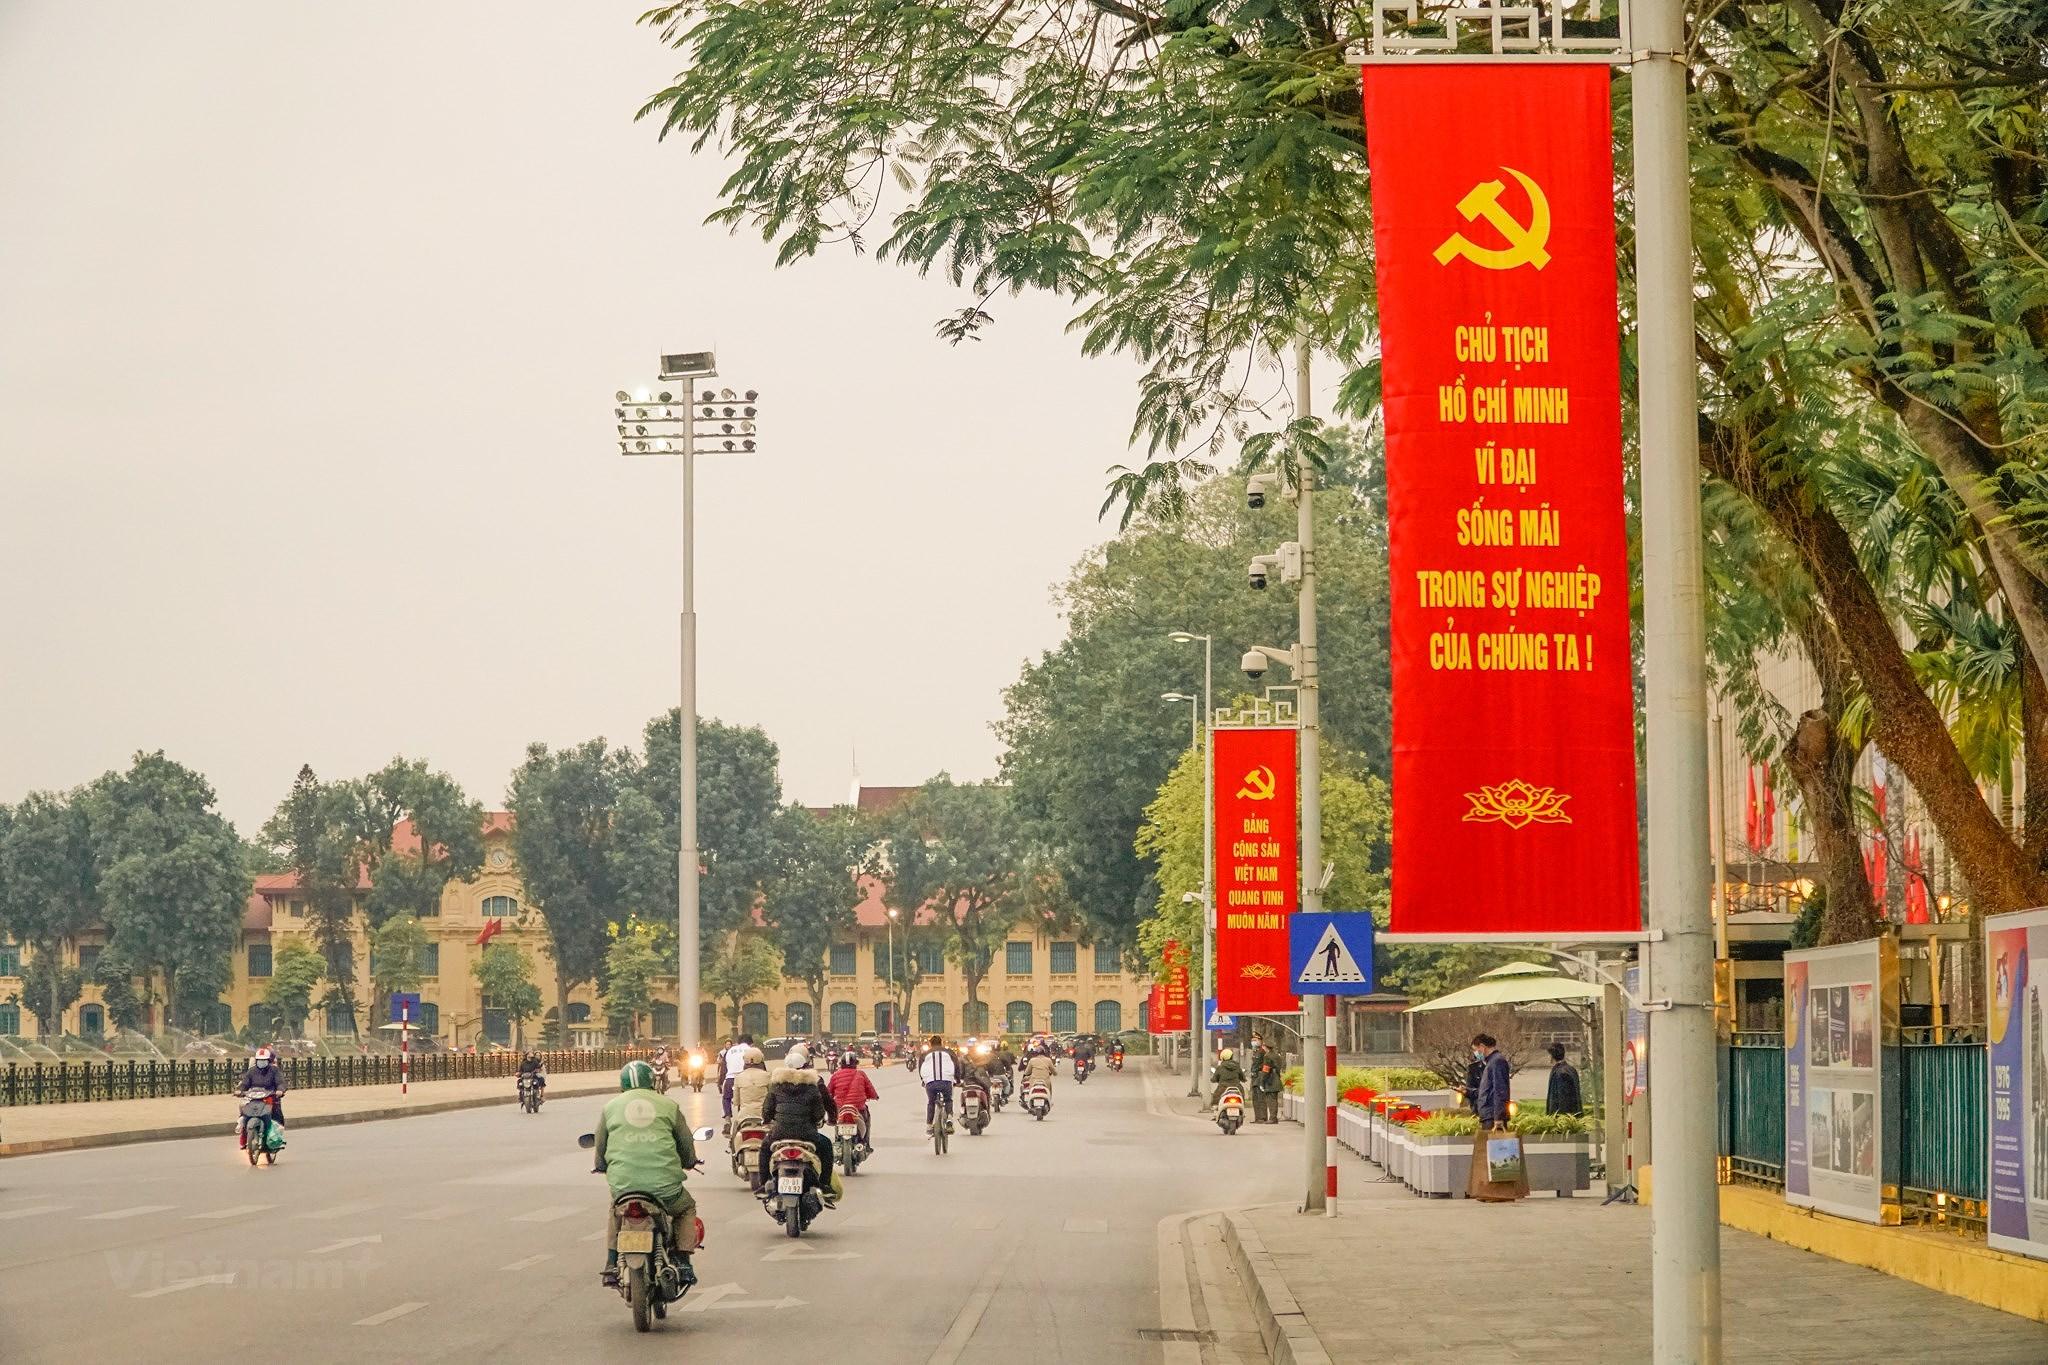 [Photo] Pho phuong Thu do trang hoang chao mung Dai hoi Dang XIII hinh anh 12